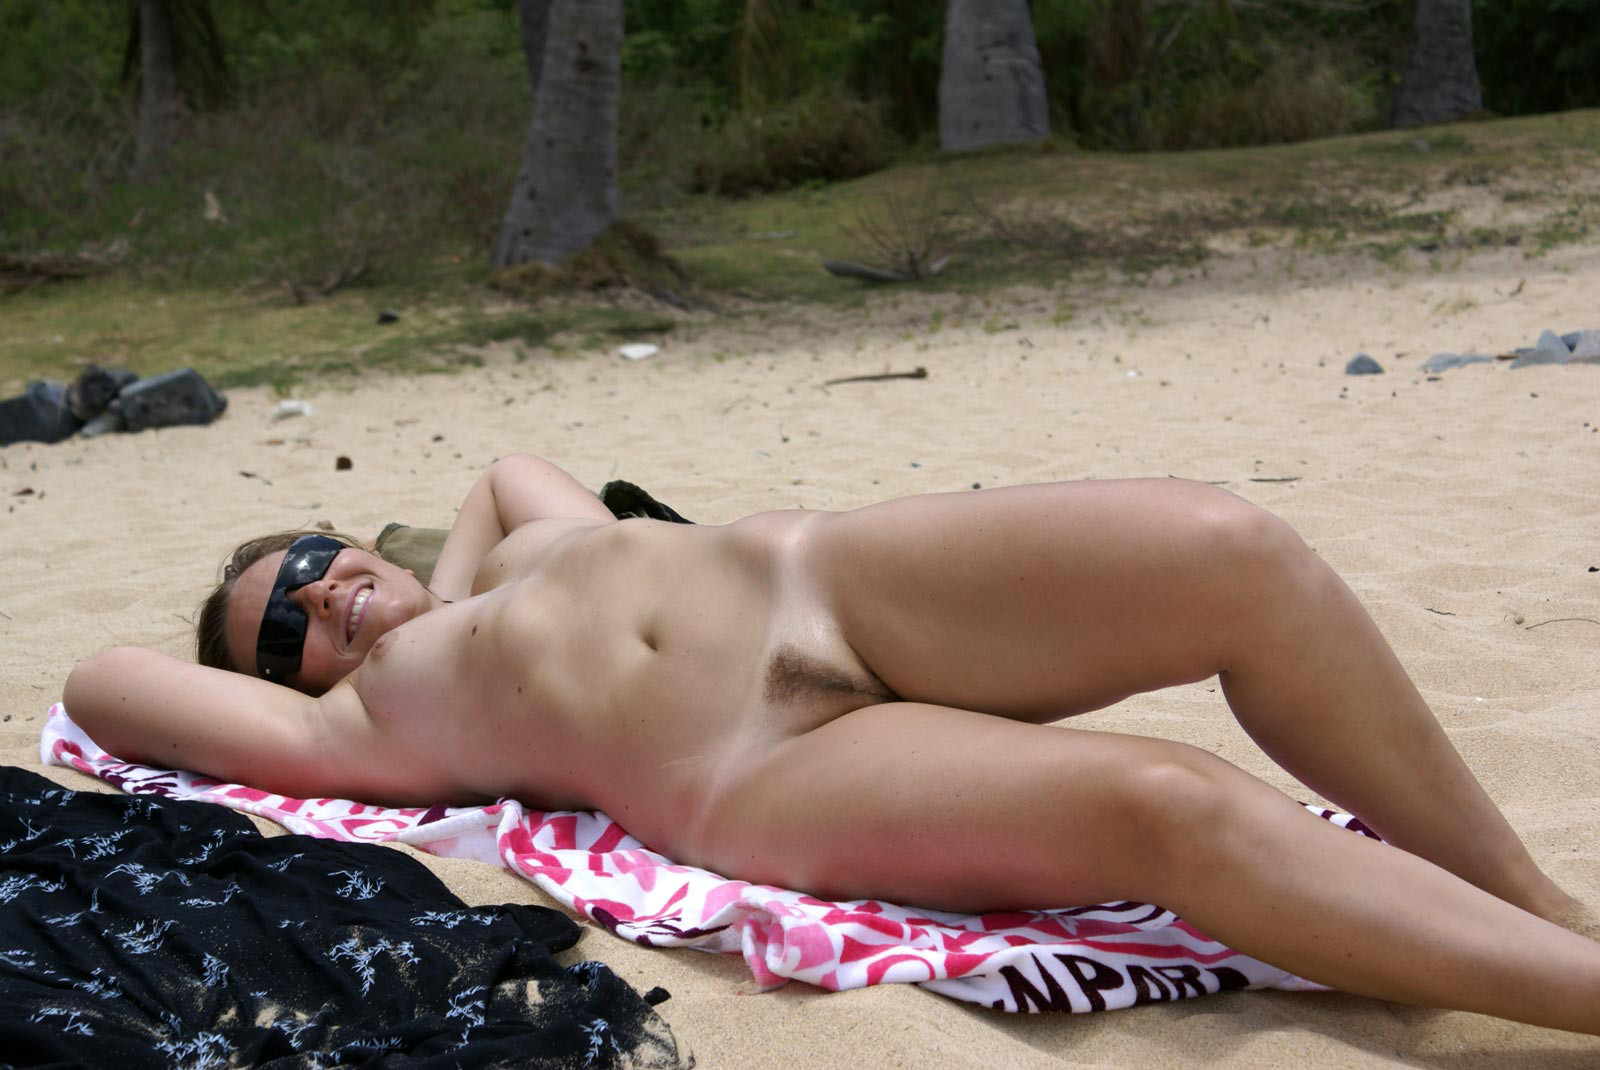 Частные фото женщин на пляже эротика, Голые зрелые женщины на пляже (41 фото) Зрелые 15 фотография